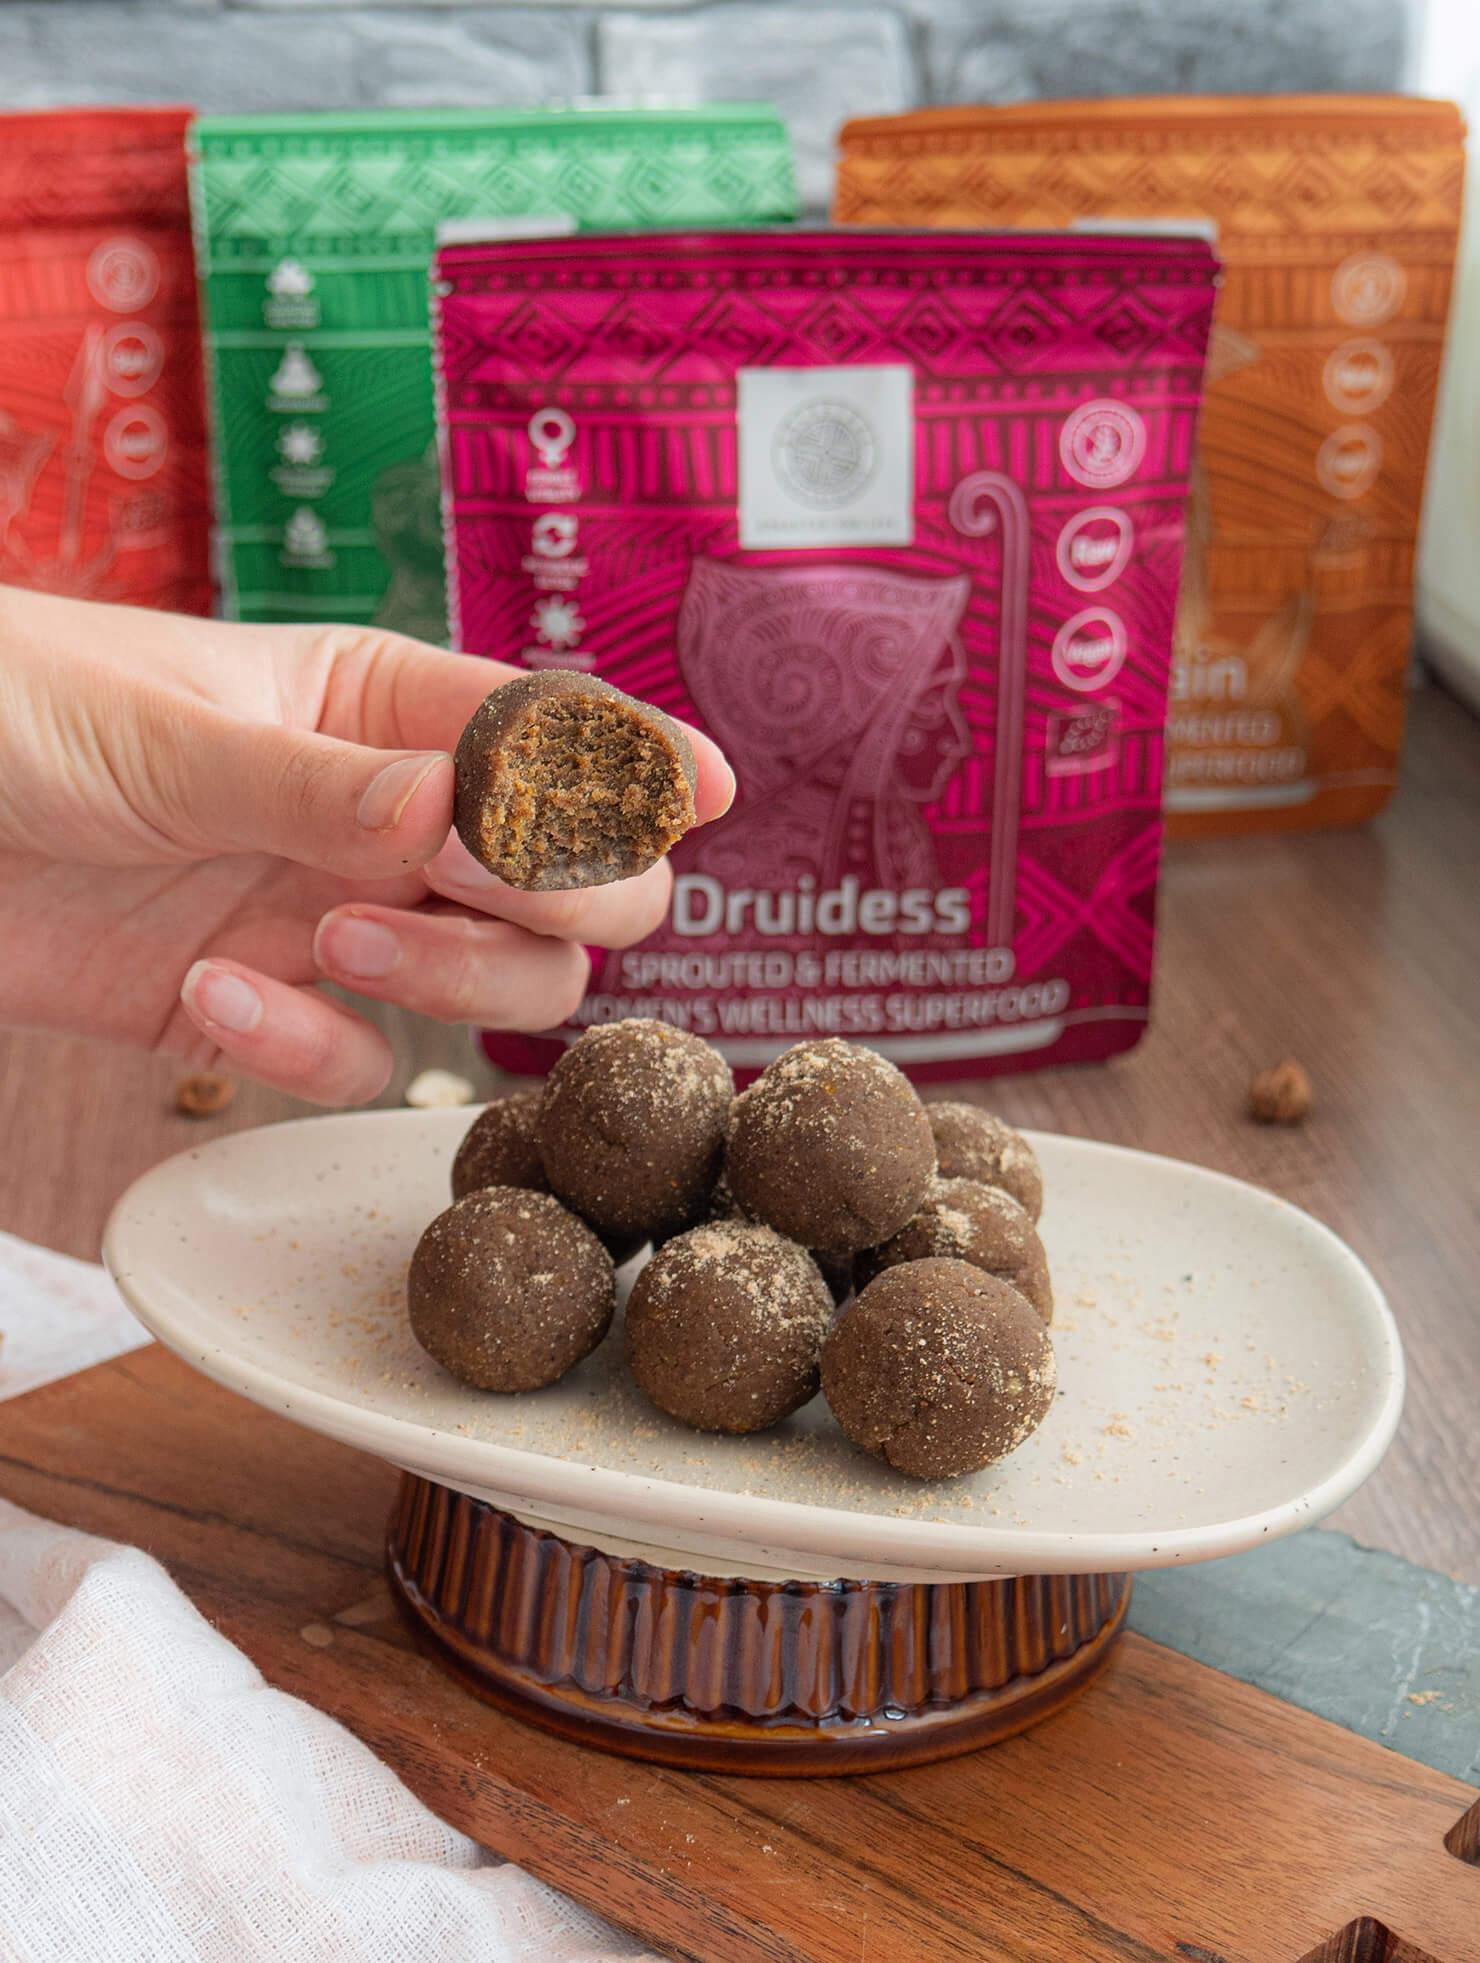 Лесни Лешникови бонбони с Druidess